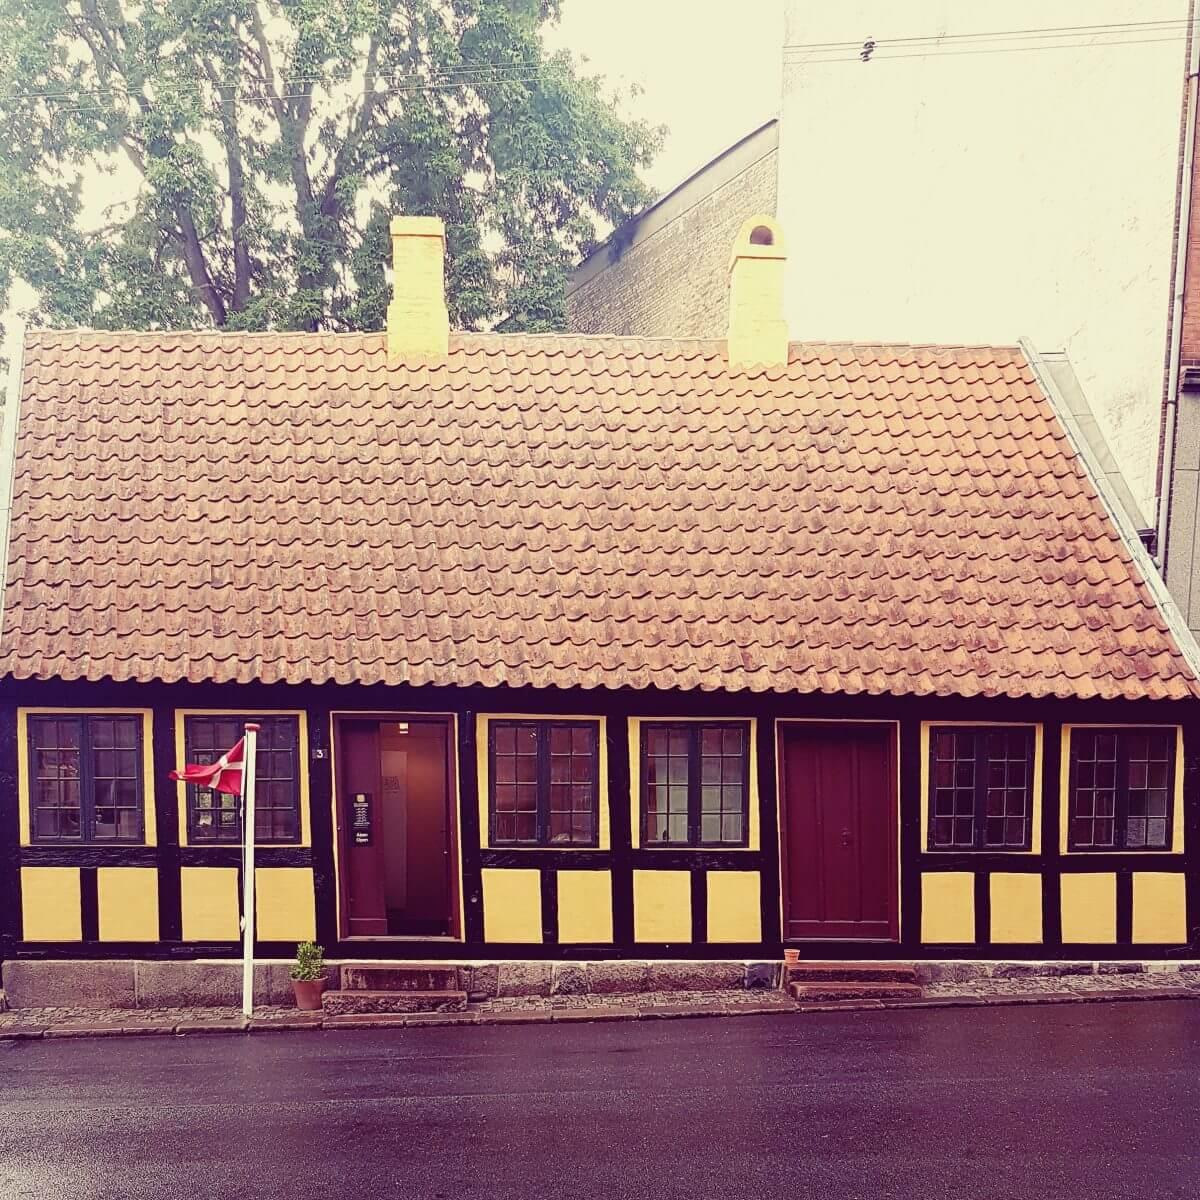 Vakantie met kids: sprookjesachtig Funen in Denemarken - moderne stad Odense met historie van Hans Andersen - H.C. Andersen Barndomshjem